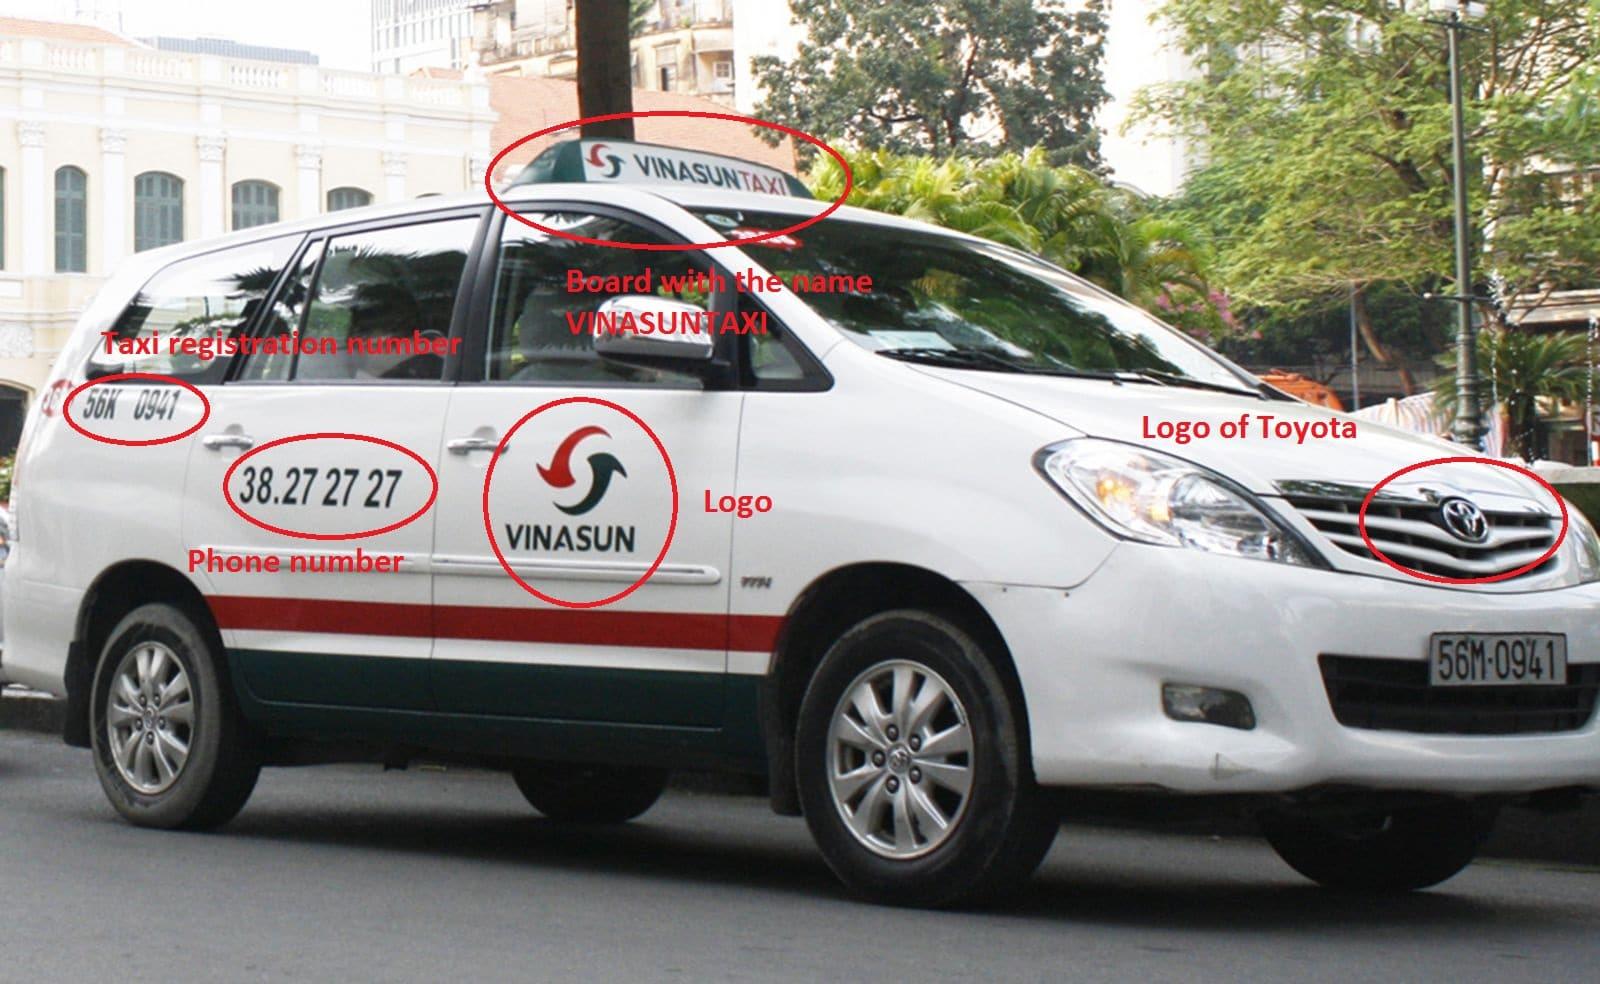 original vinasun taxi - Scooter Saigon Tour